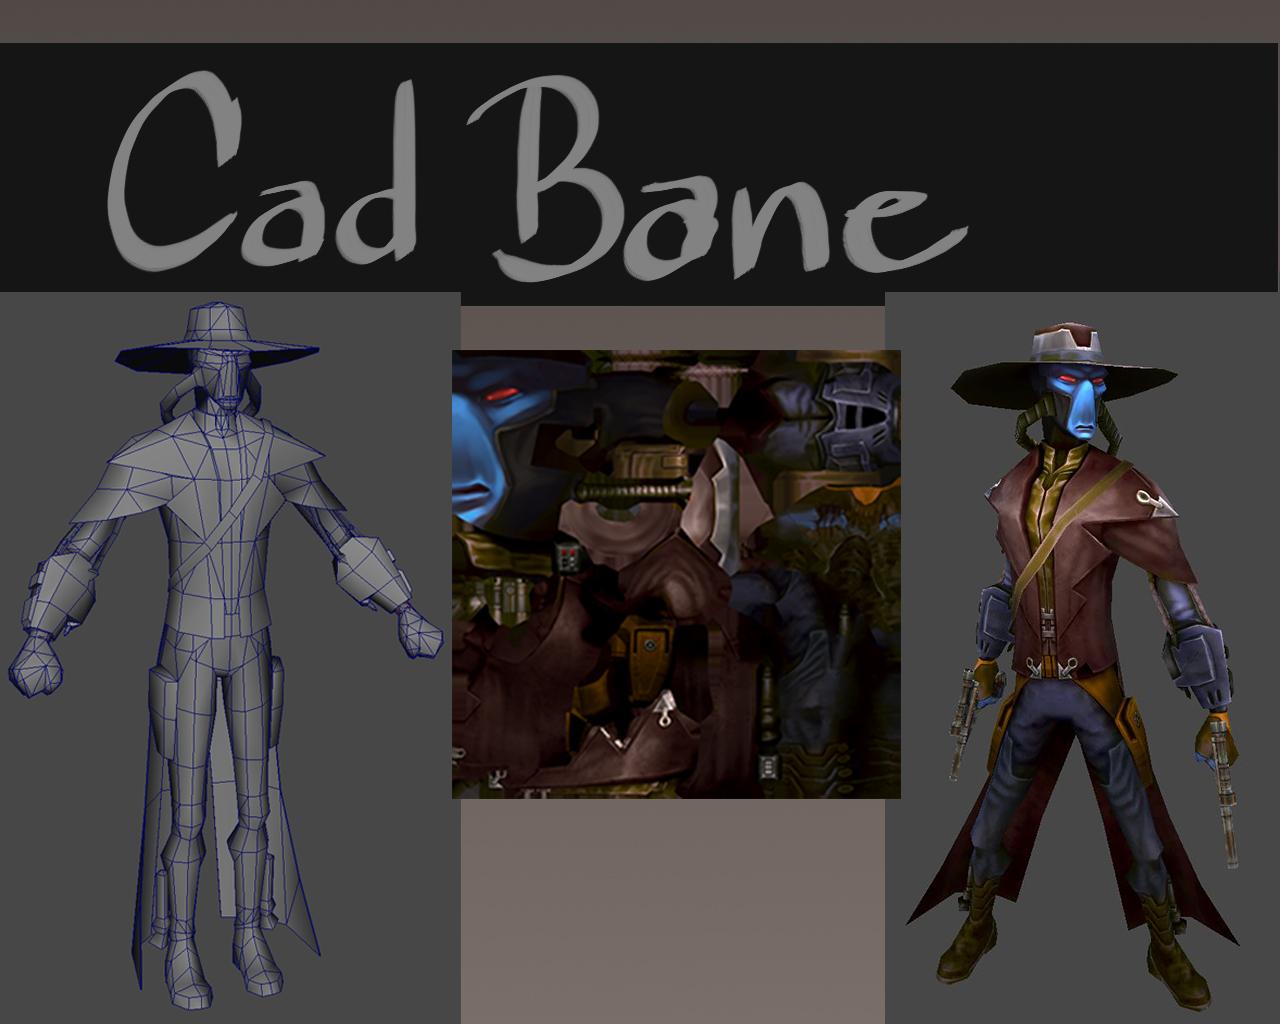 CadBane_3d.jpg